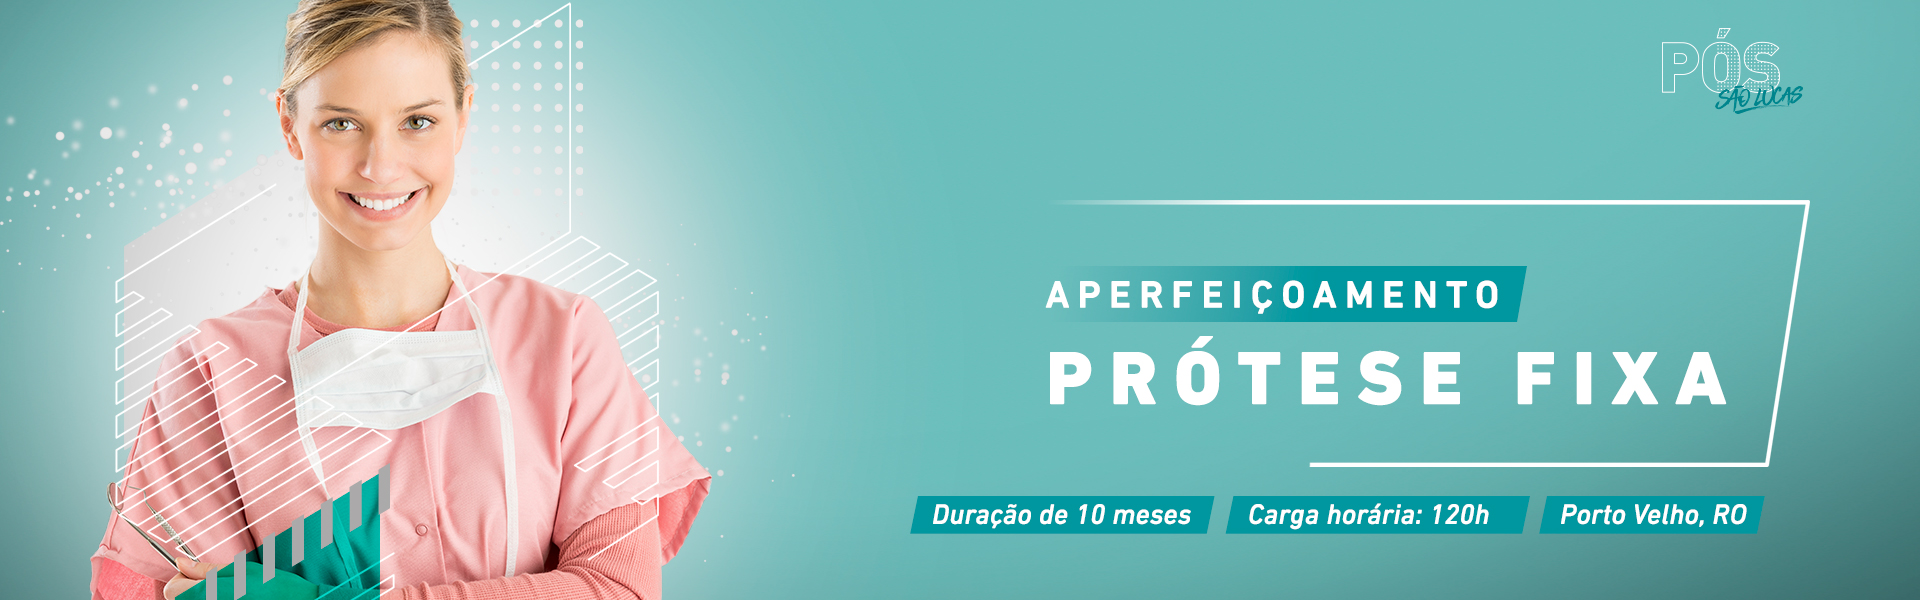 ProteseFixa_site